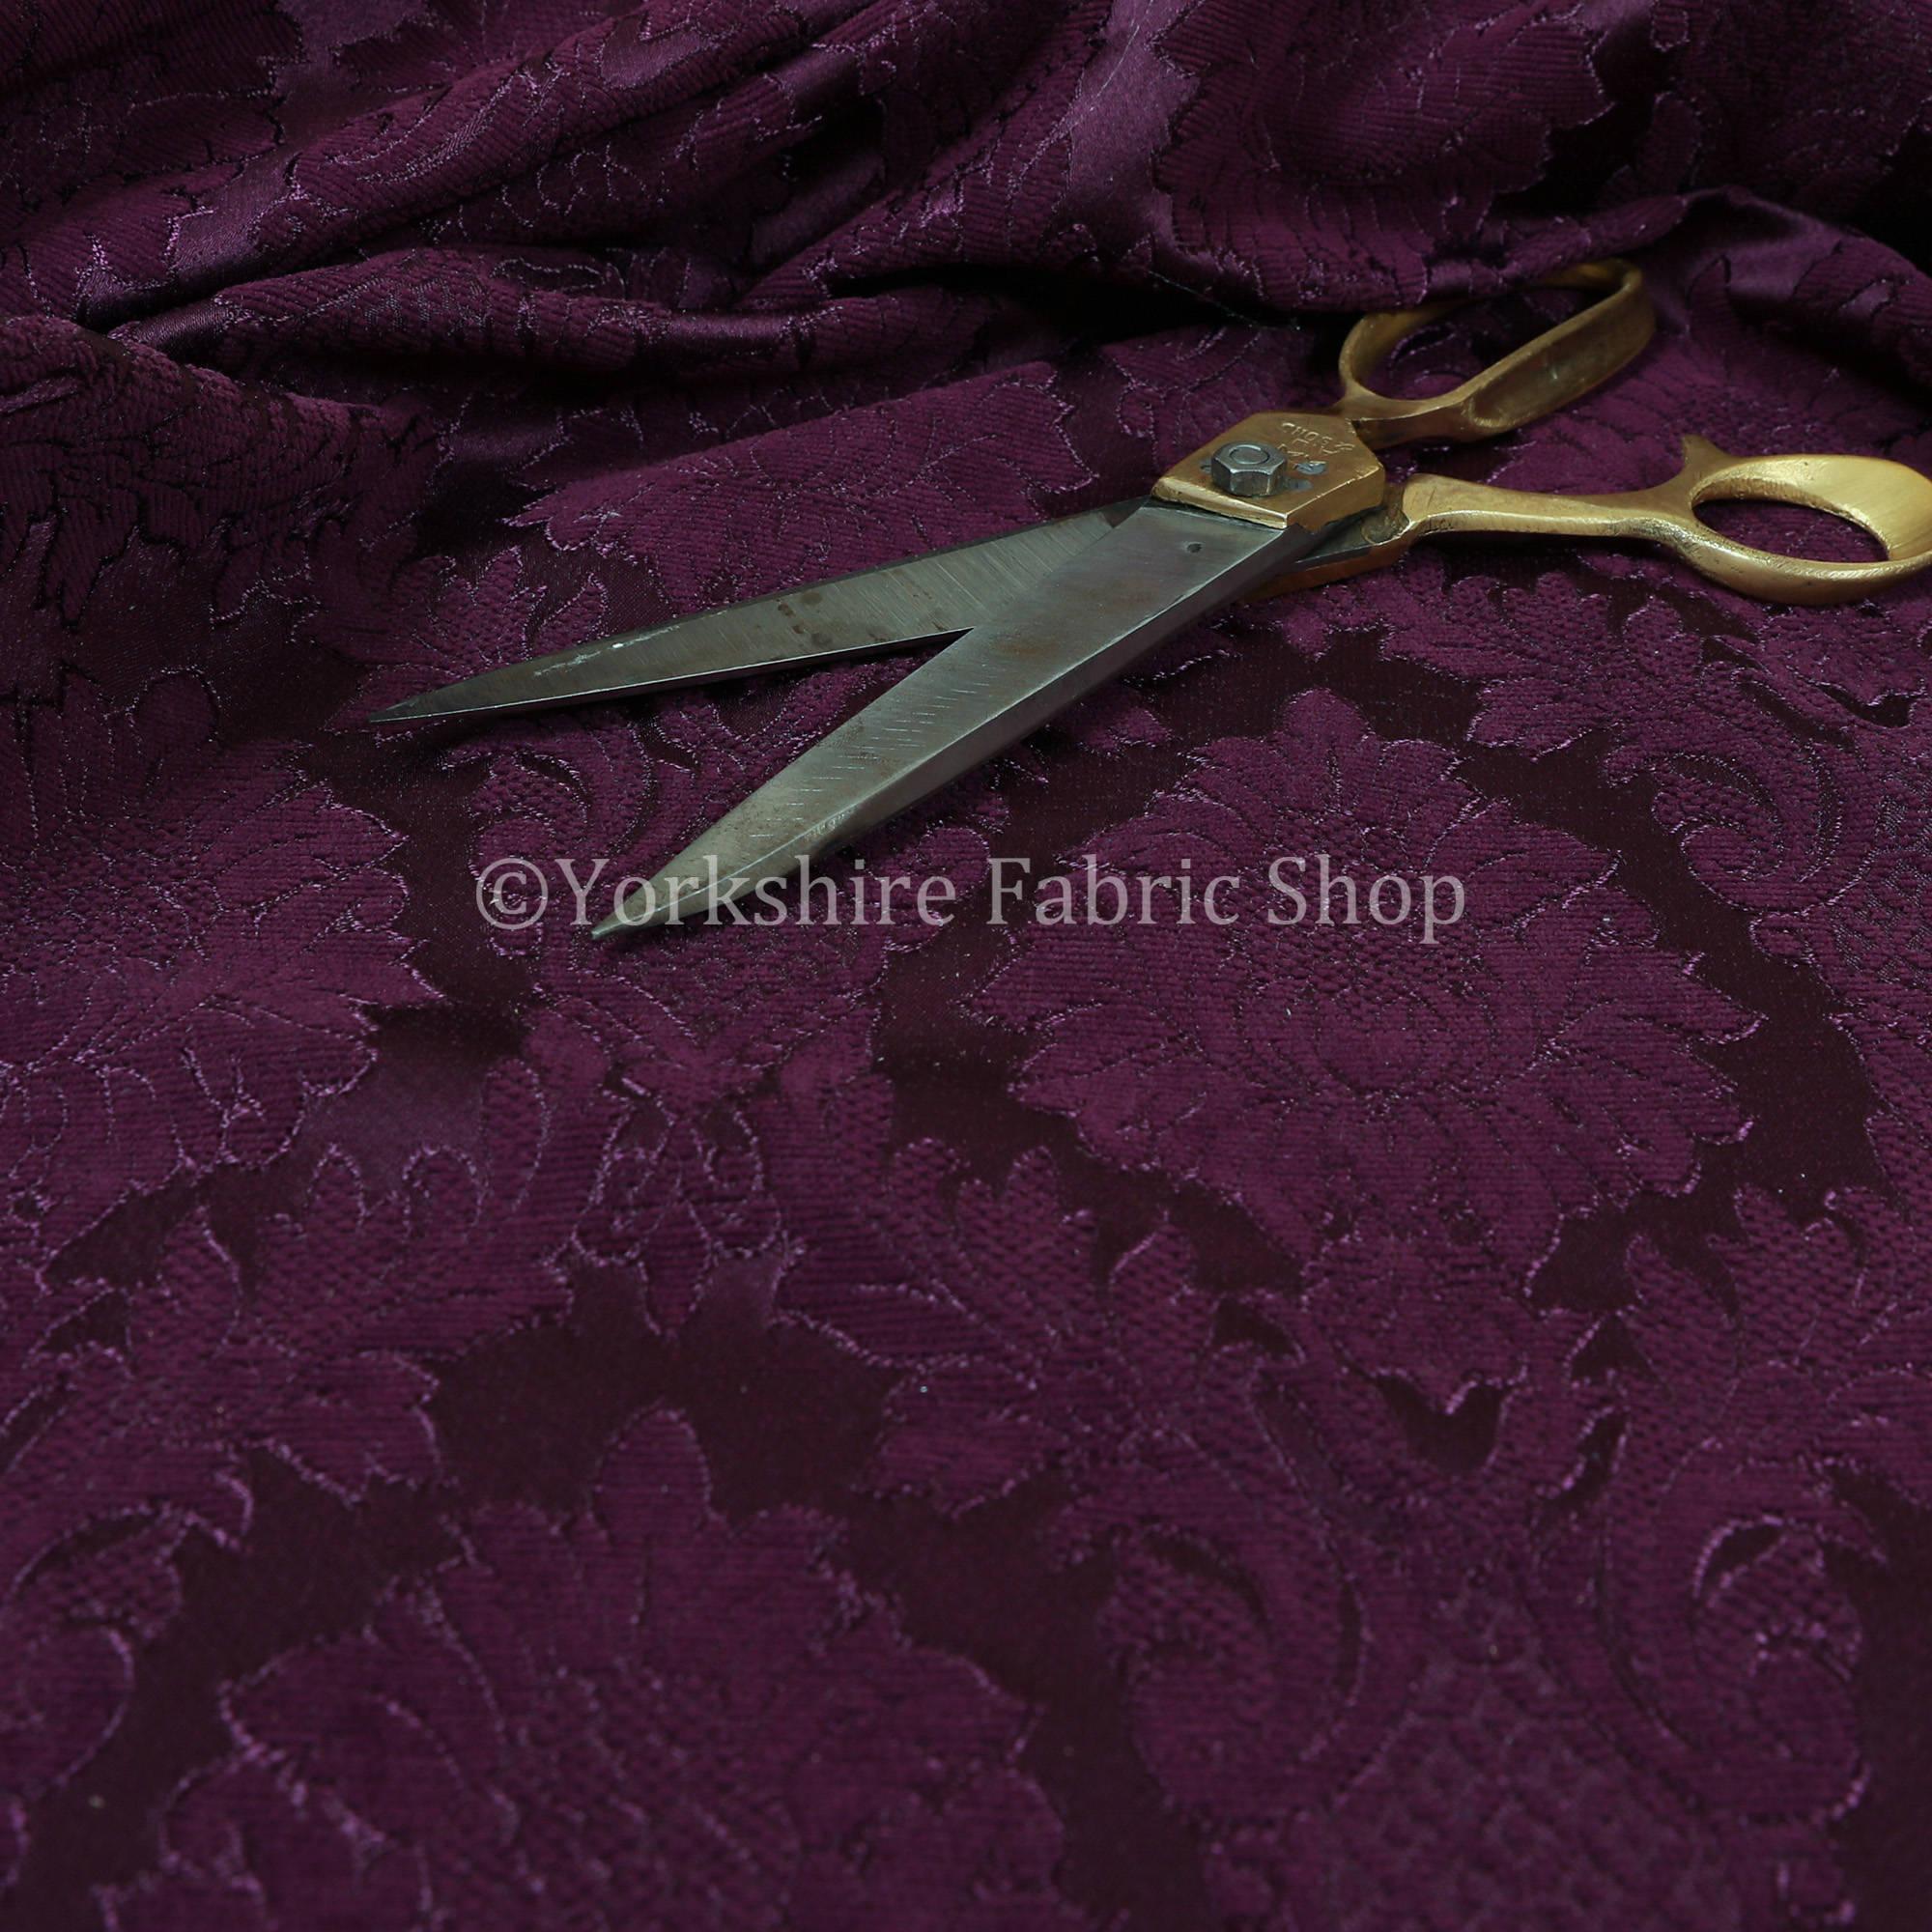 Couleur Couleur Couleur violet Floral damassé Chenille d'ameublement Rideau tissus - vendus par 10 mètres longueur tissu d'ameublement en relief 505bf1